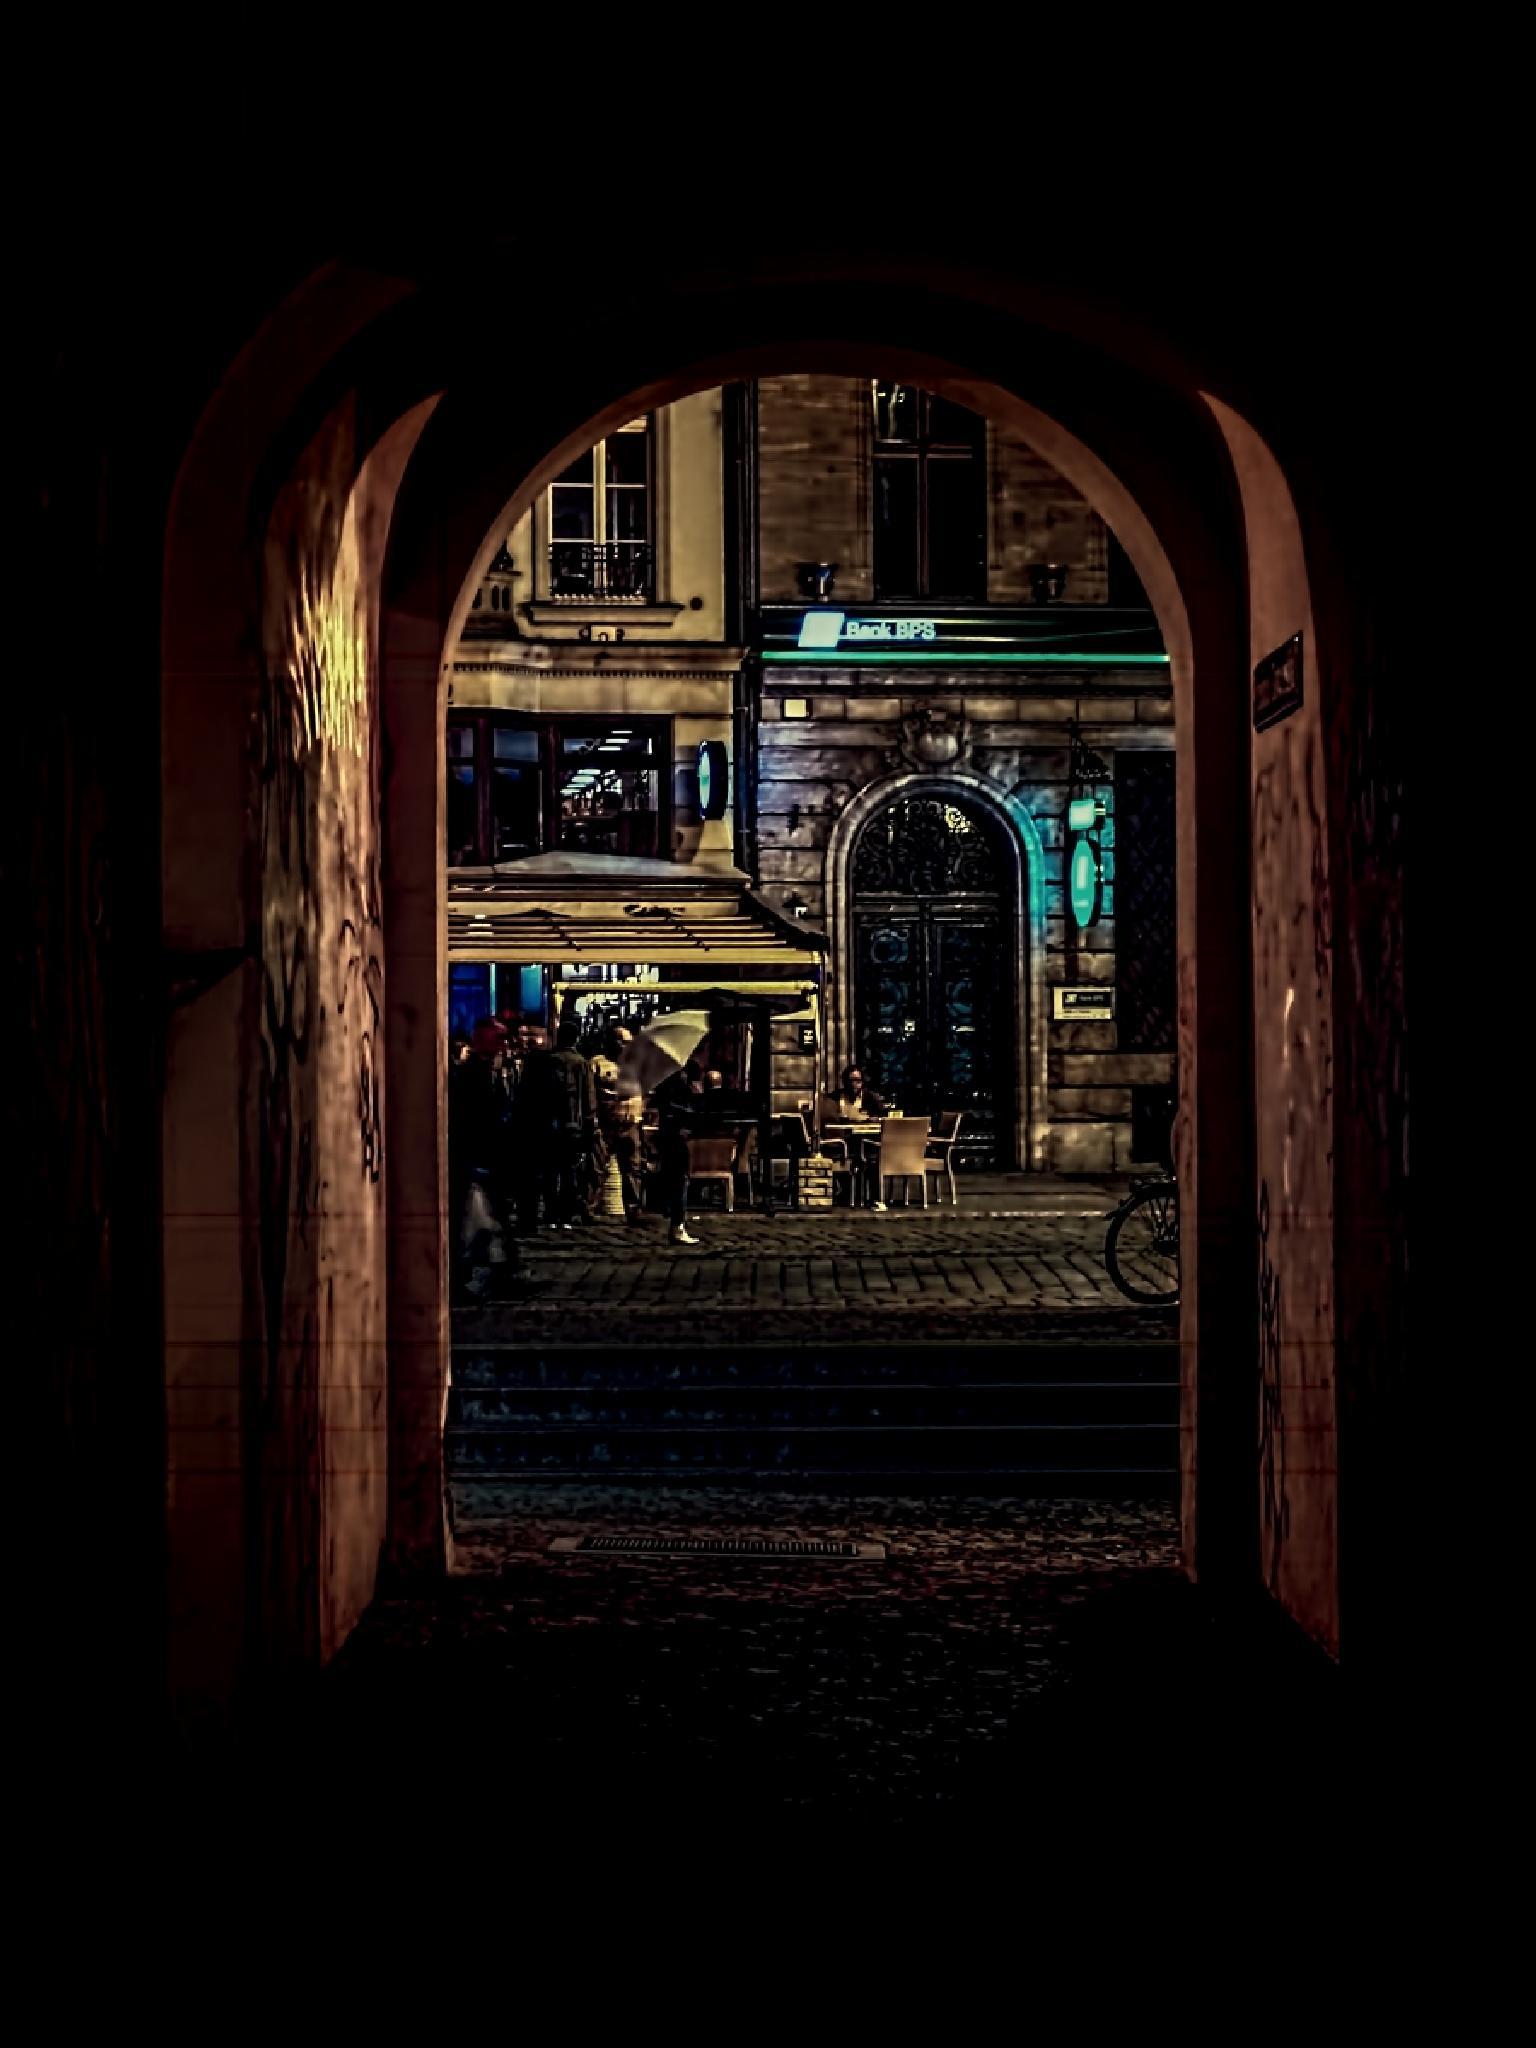 Nightlife by Waldemar Sadlowski